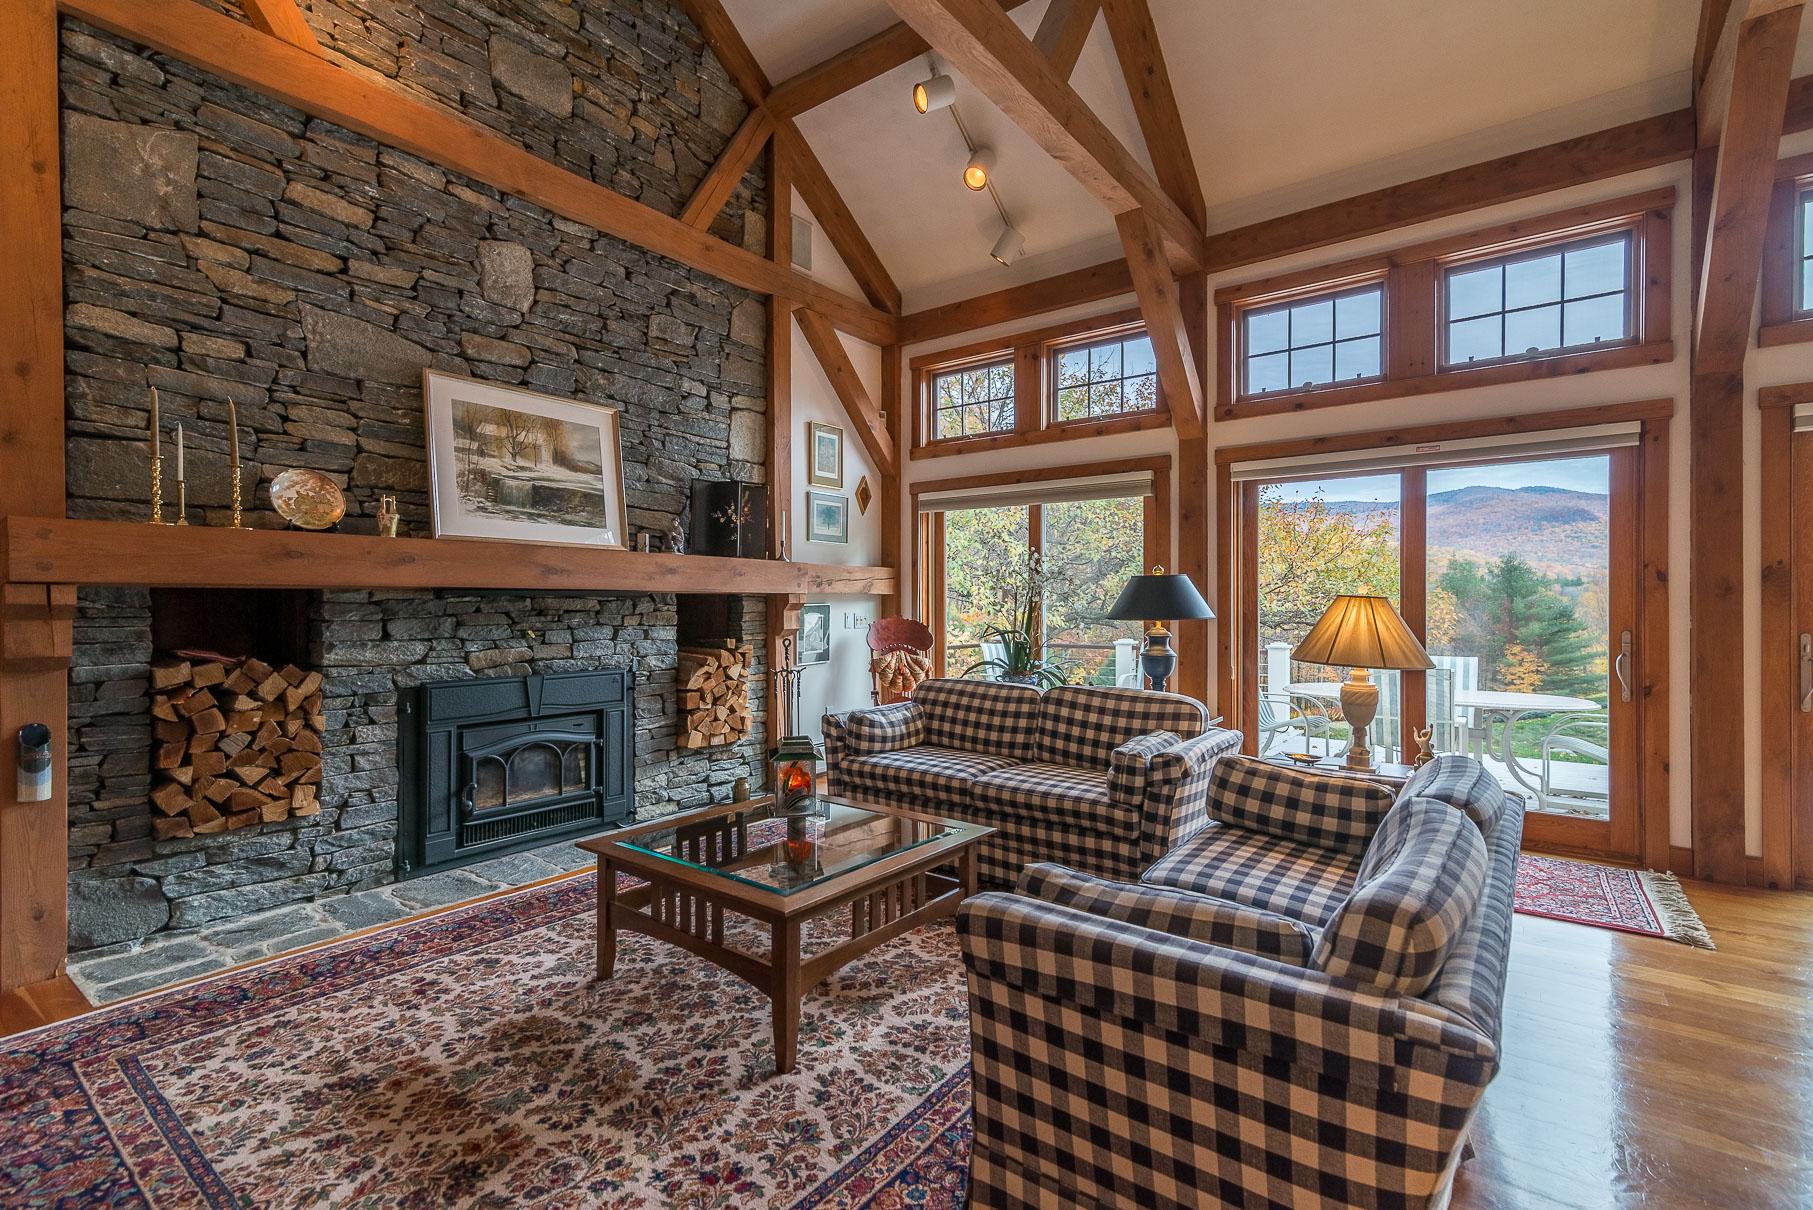 Частный односемейный дом для того Продажа на Exquisite Custom Home with Views 321 Rogers Rd Rupert, Вермонт 05251 Соединенные Штаты